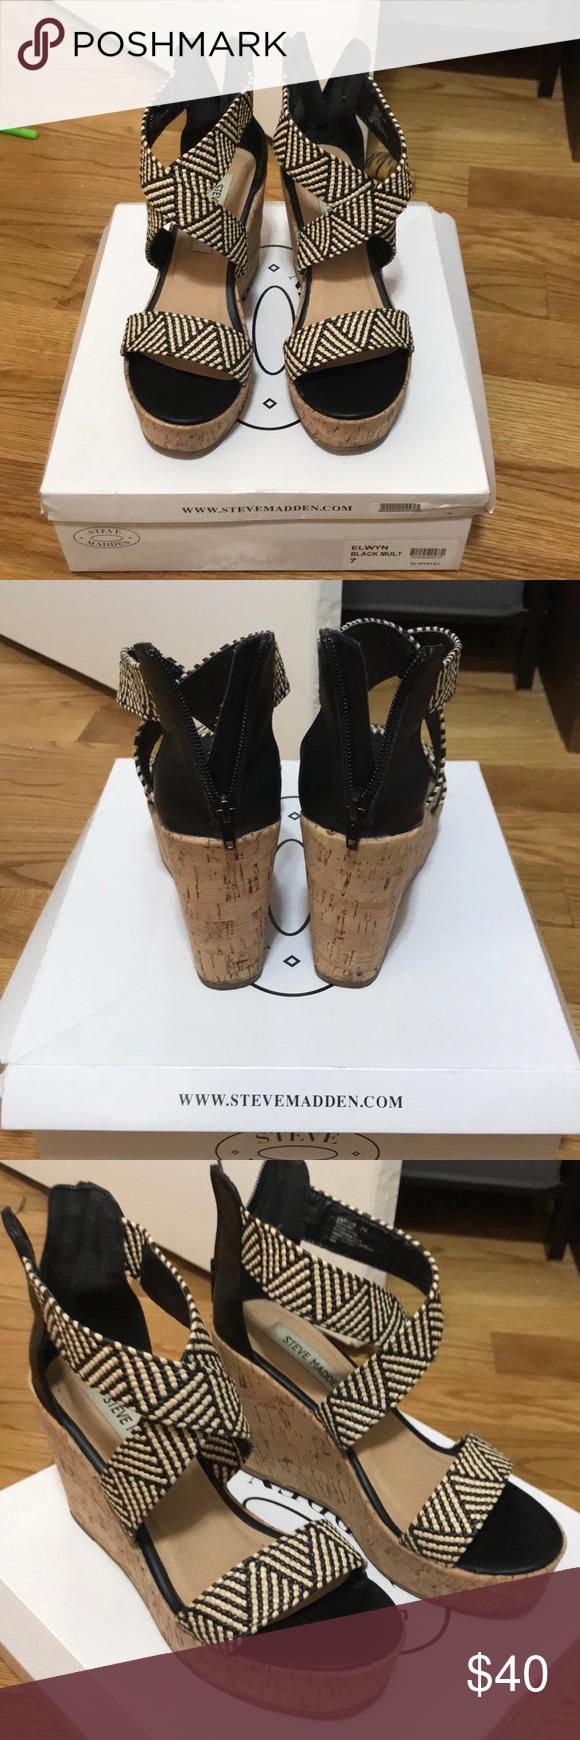 838af4aa9ef Steve Madden Elwyn Wedge Sandal - Size 7 Steve Madden Elwyn Sandal Size 7!  Black